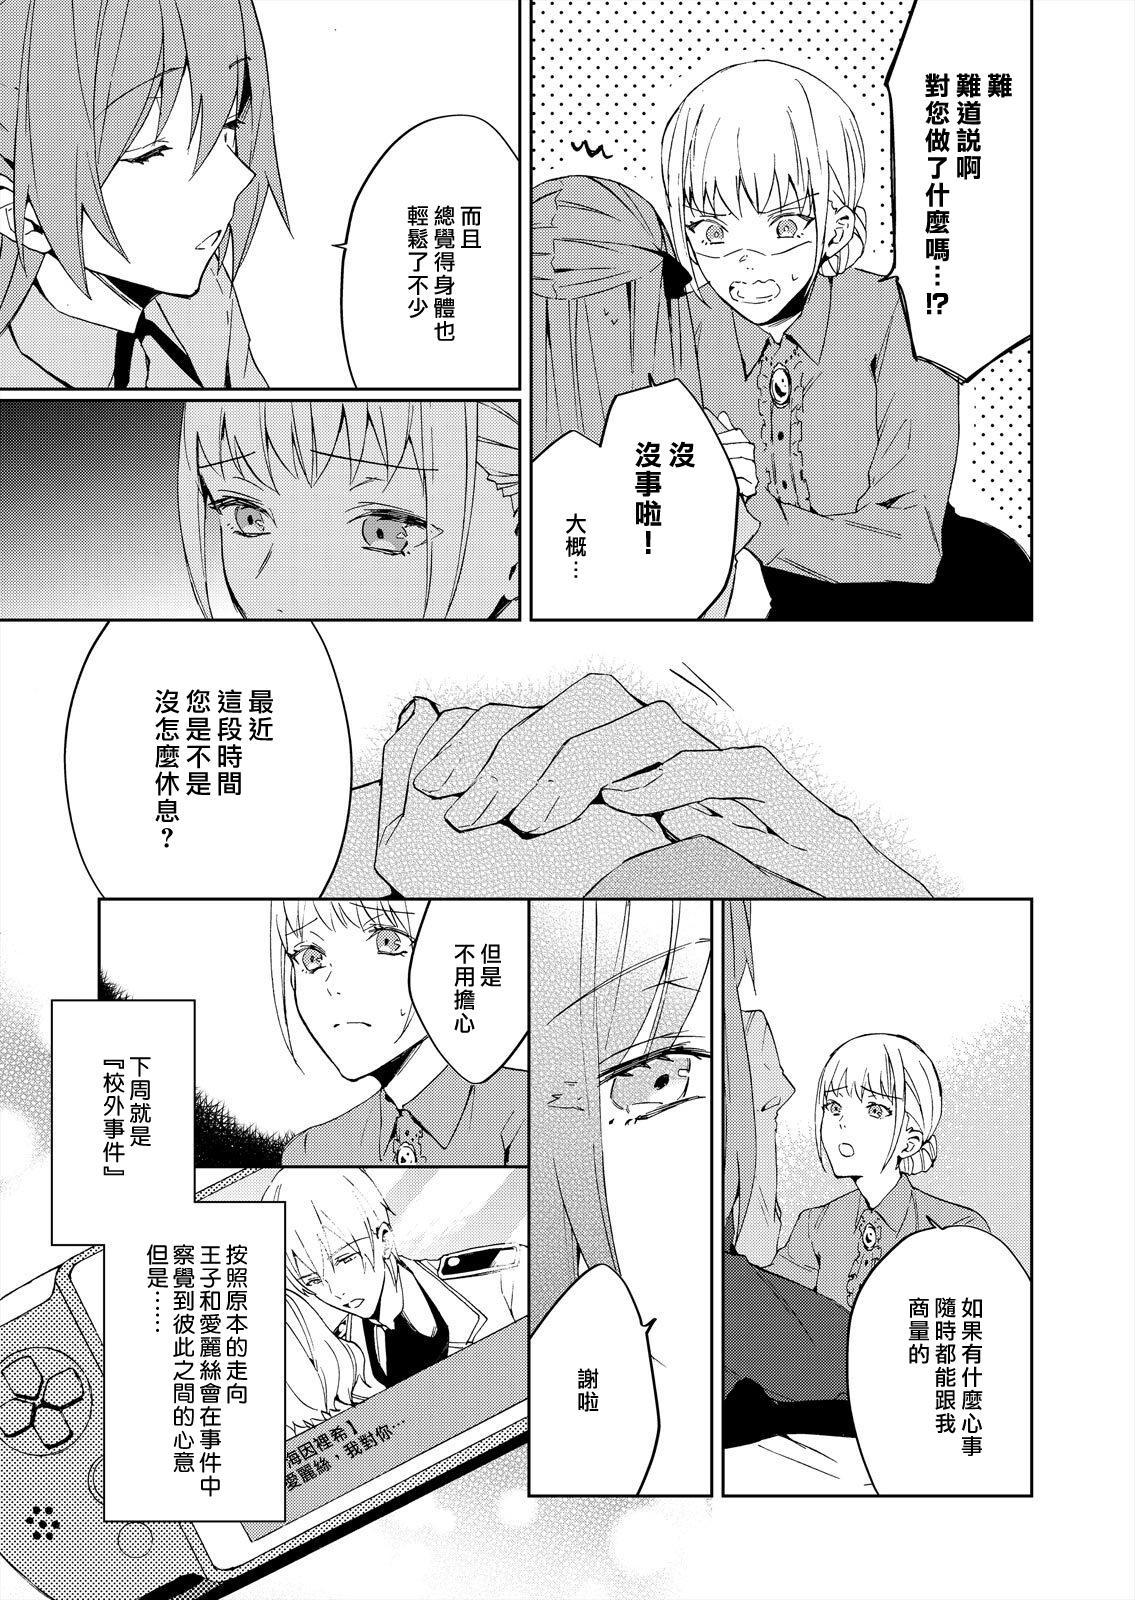 [Yuzushiwo] Akuyaku Reijou wa Ichizu ni Dekiai sarete ~Noumitsu Sex no Aite wa Juuboku~ | 被疯狂溺爱的反派大小姐~浓密性爱对象是仆从~ 1-4 [Chinese] [莉赛特汉化组] 40